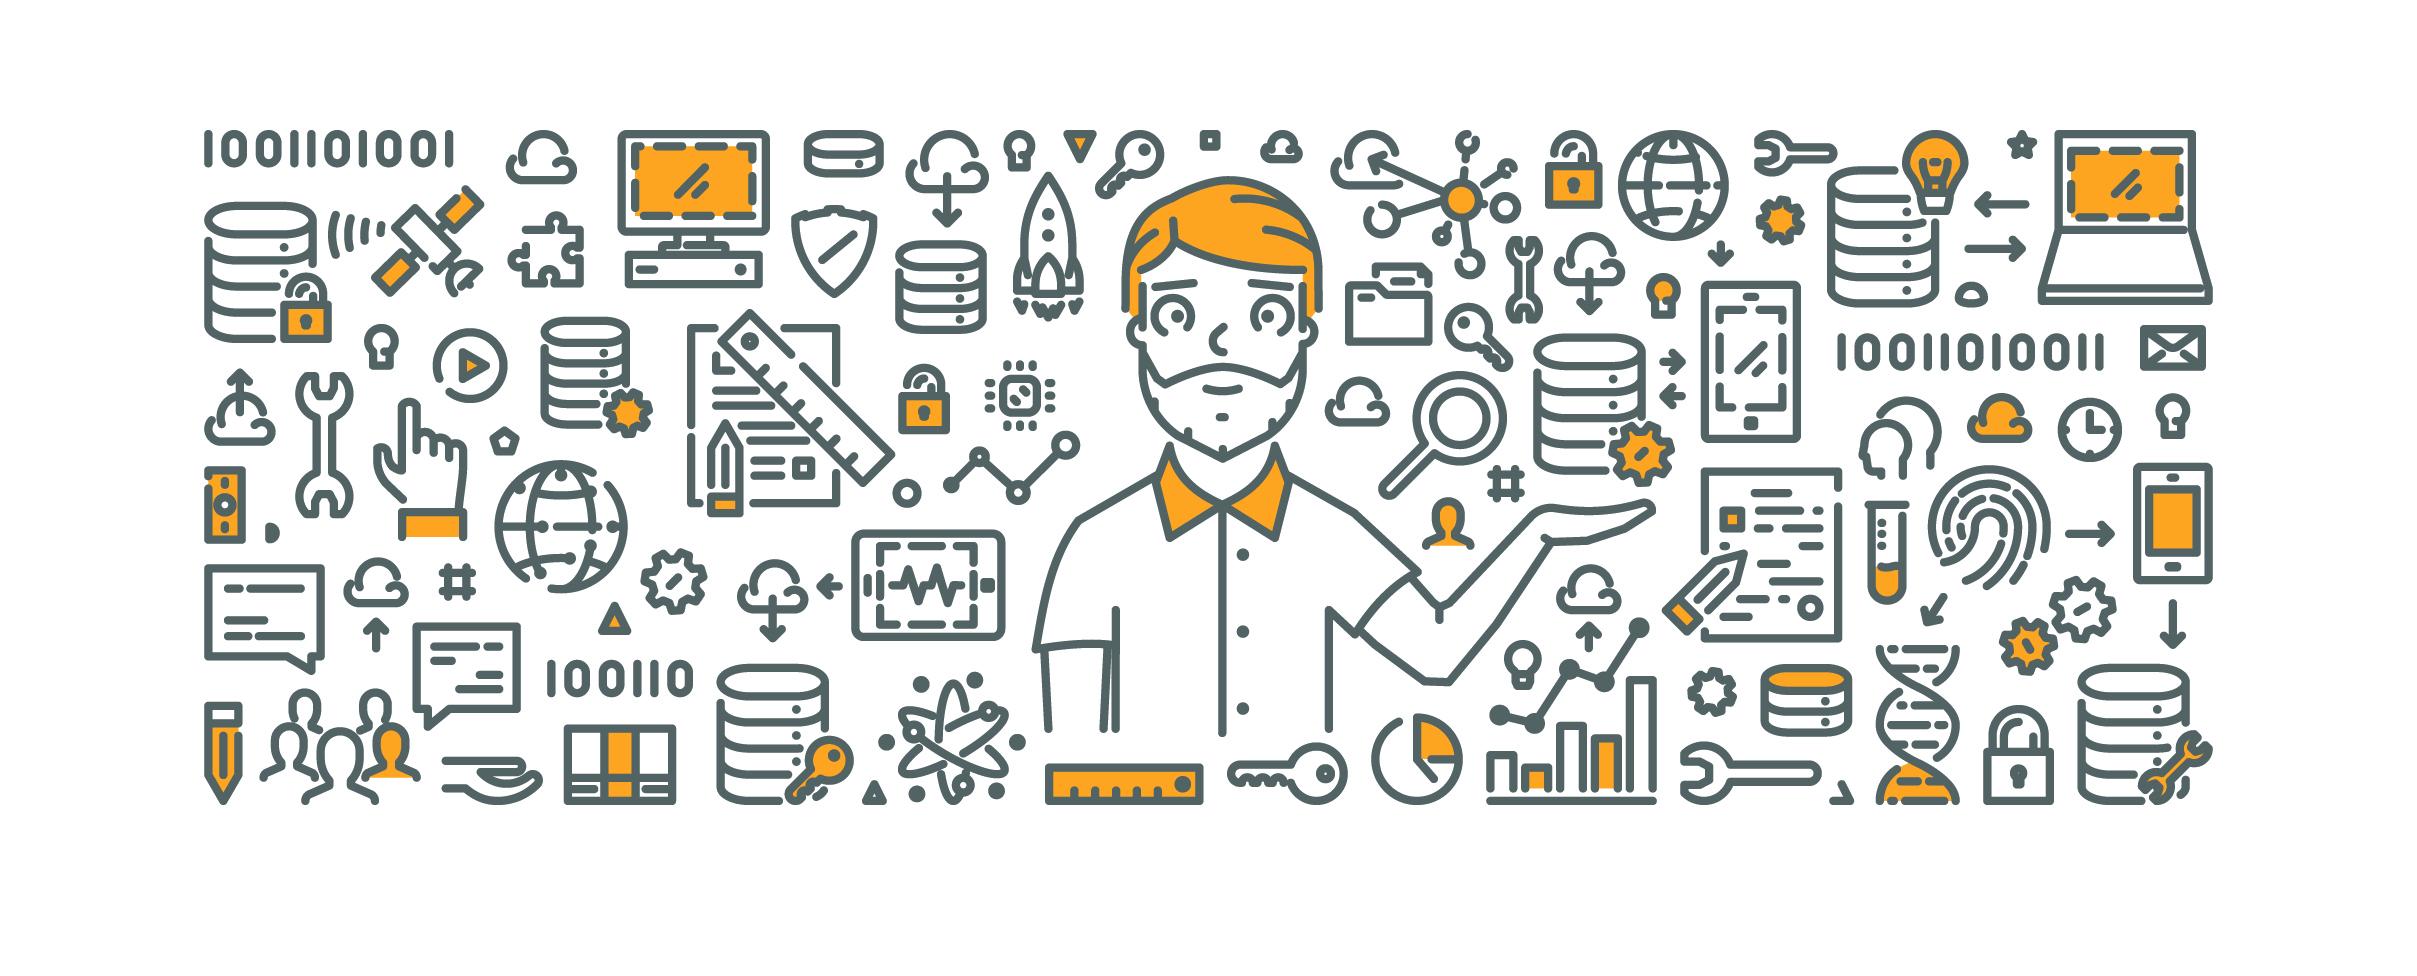 dataohjattu-markkinointi-tahtaa-tuloksiin.jpg